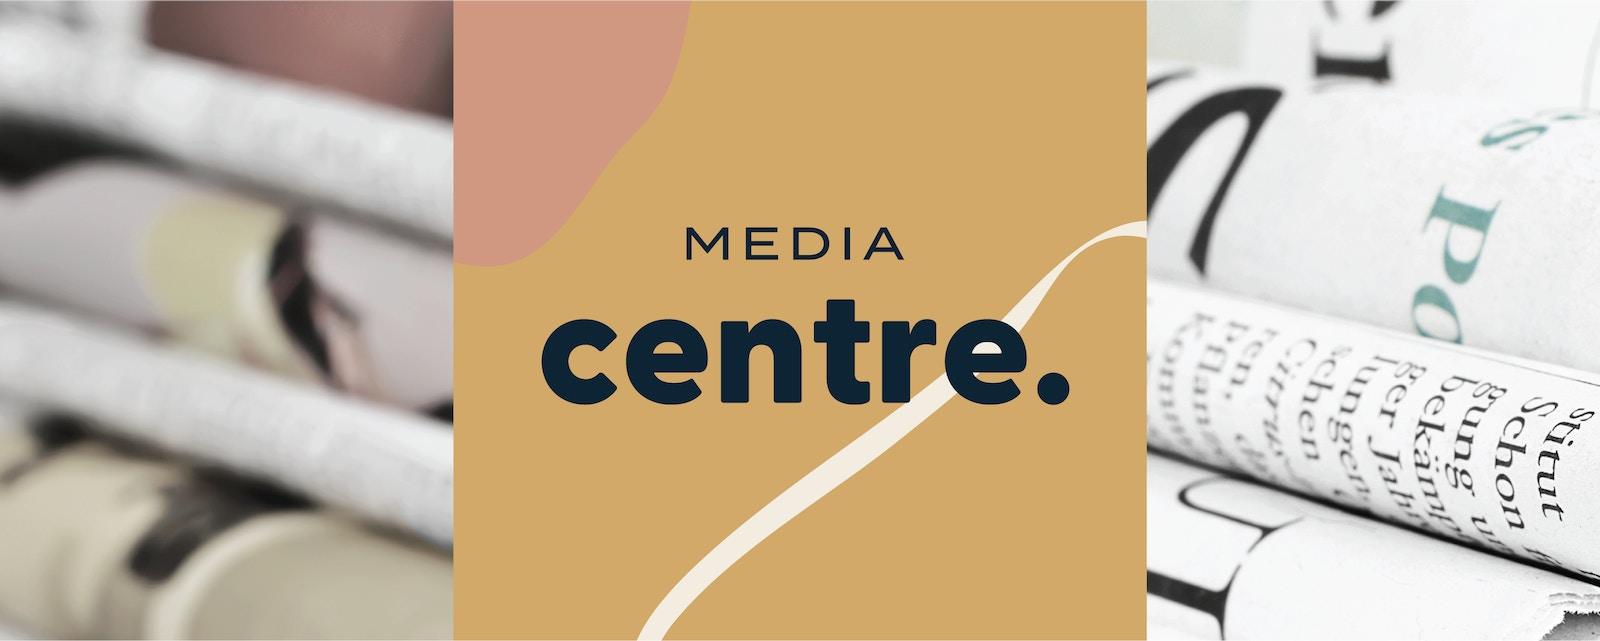 Handmade Media Centre